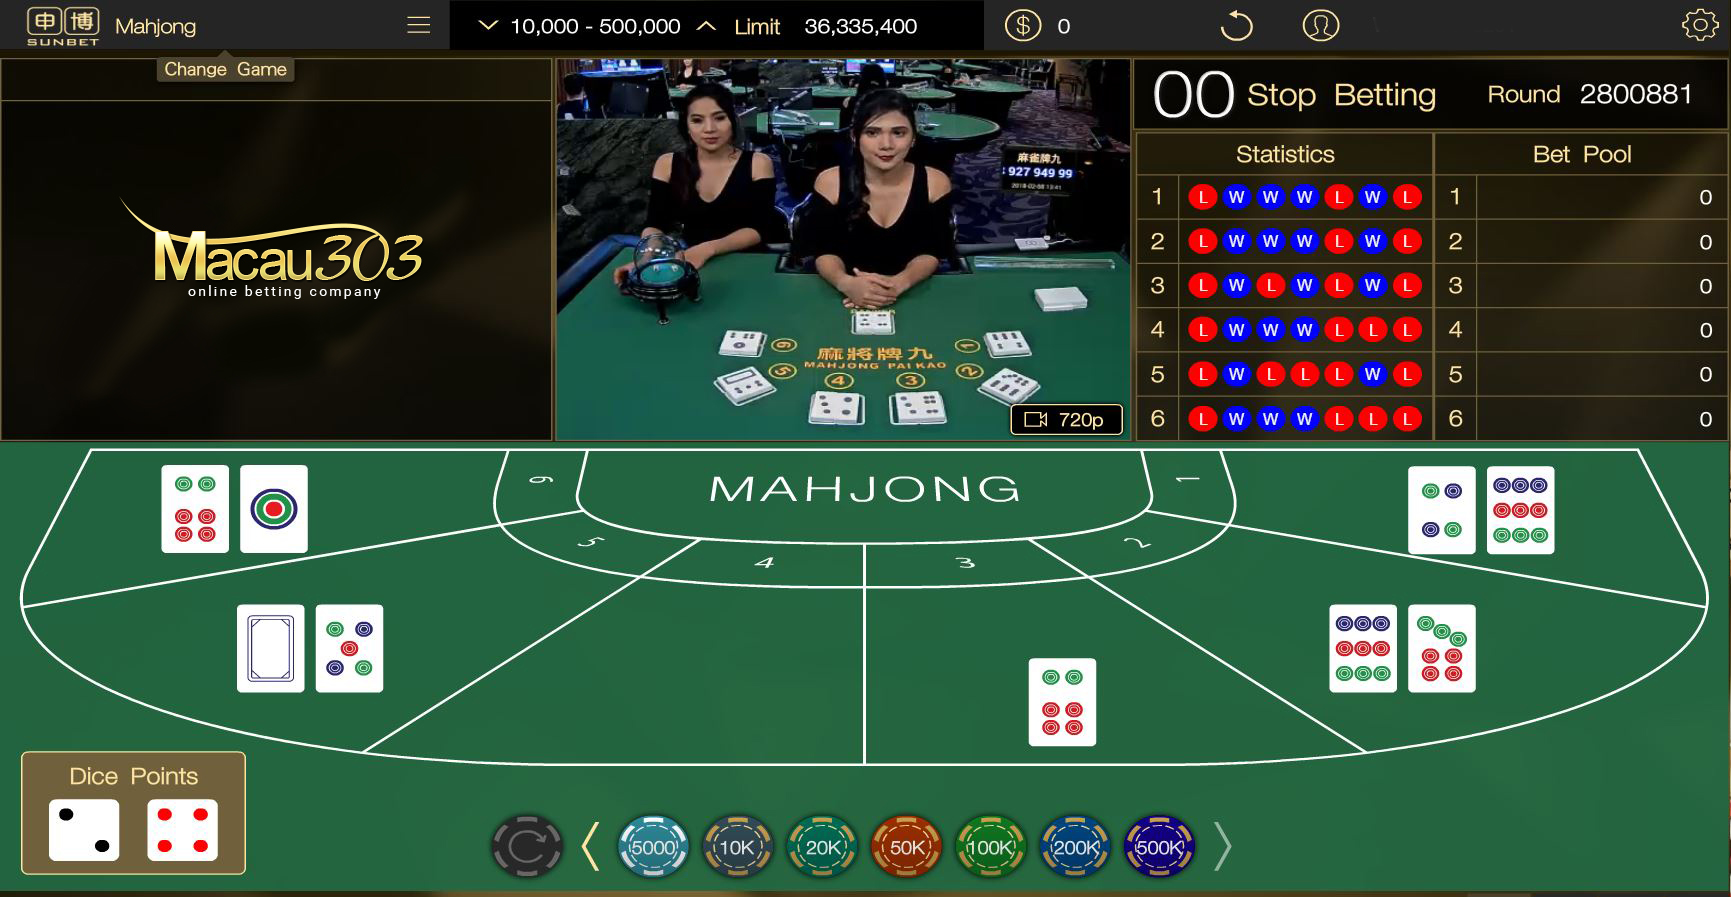 Permainan Judi Mahjong Baru Macau303